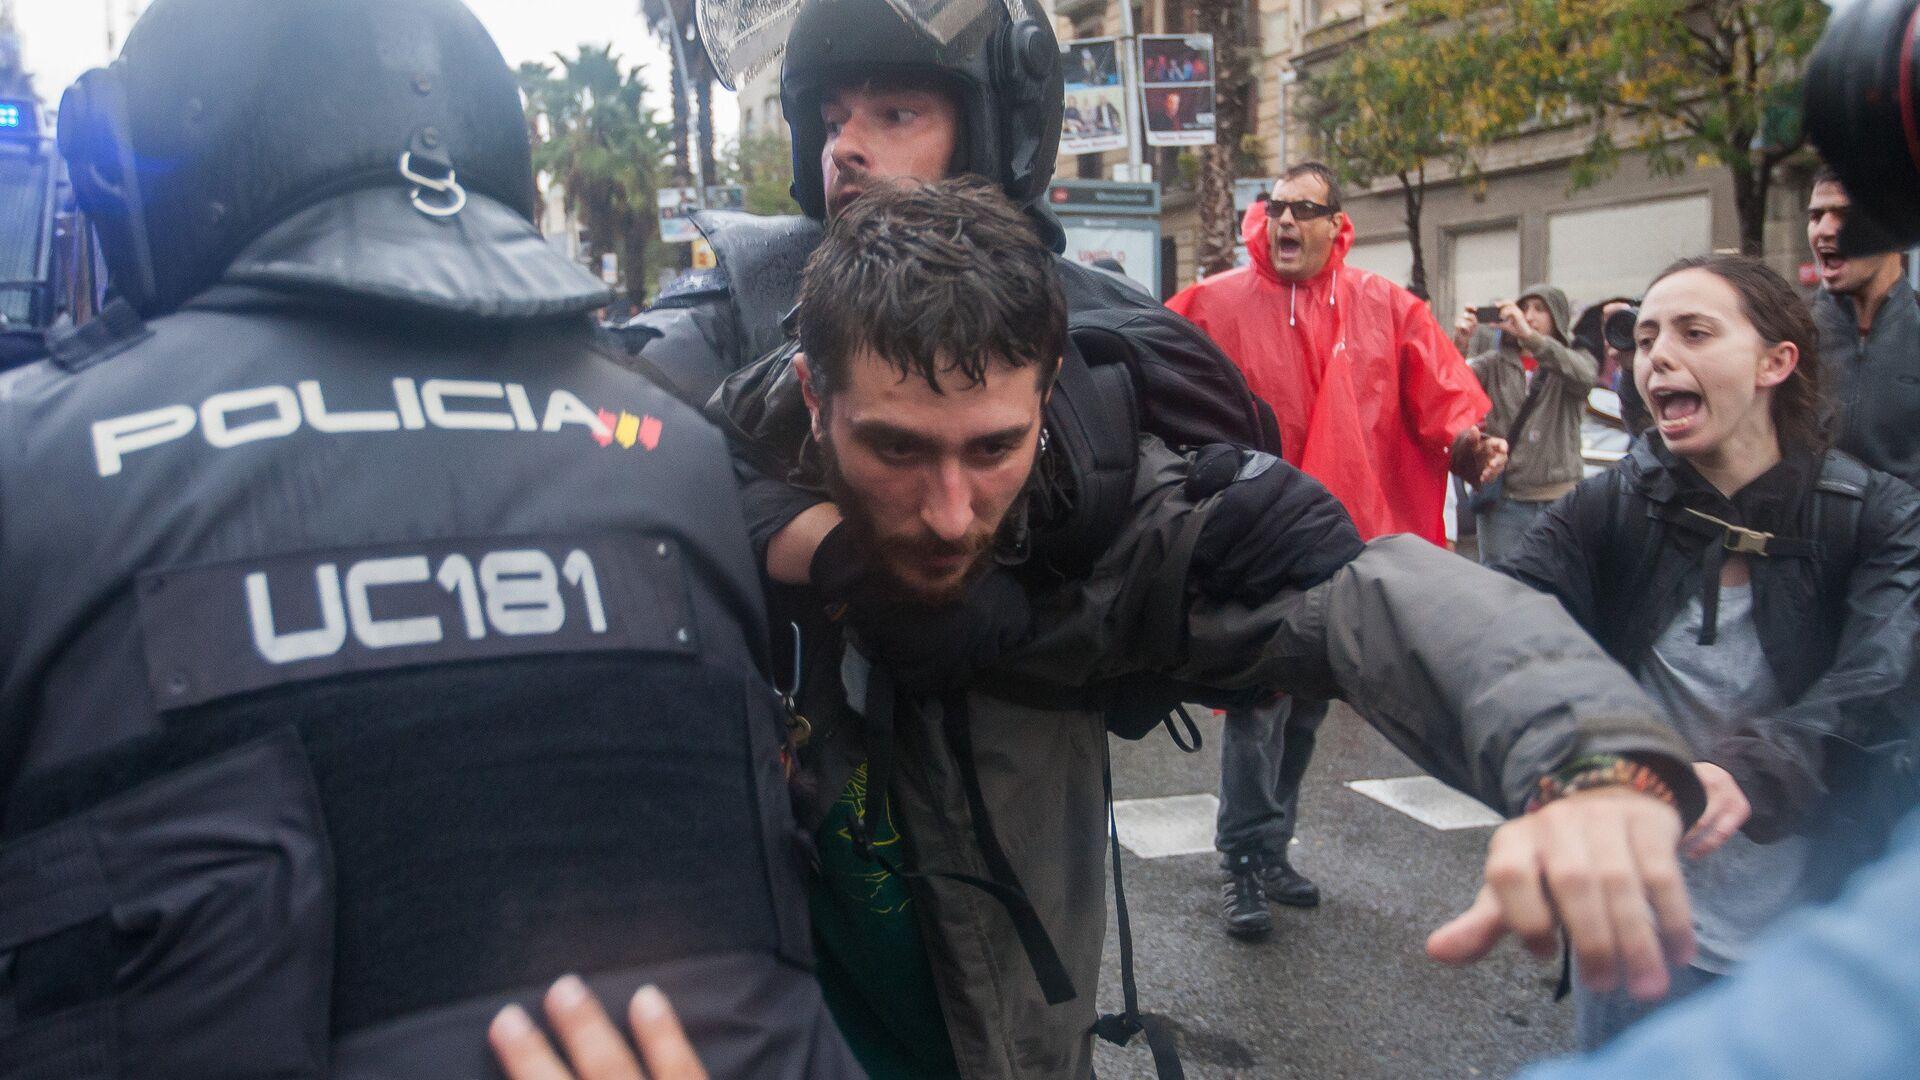 Choques entre la policía y los participantes del referendum en Cataluña - Sputnik Mundo, 1920, 01.10.2021